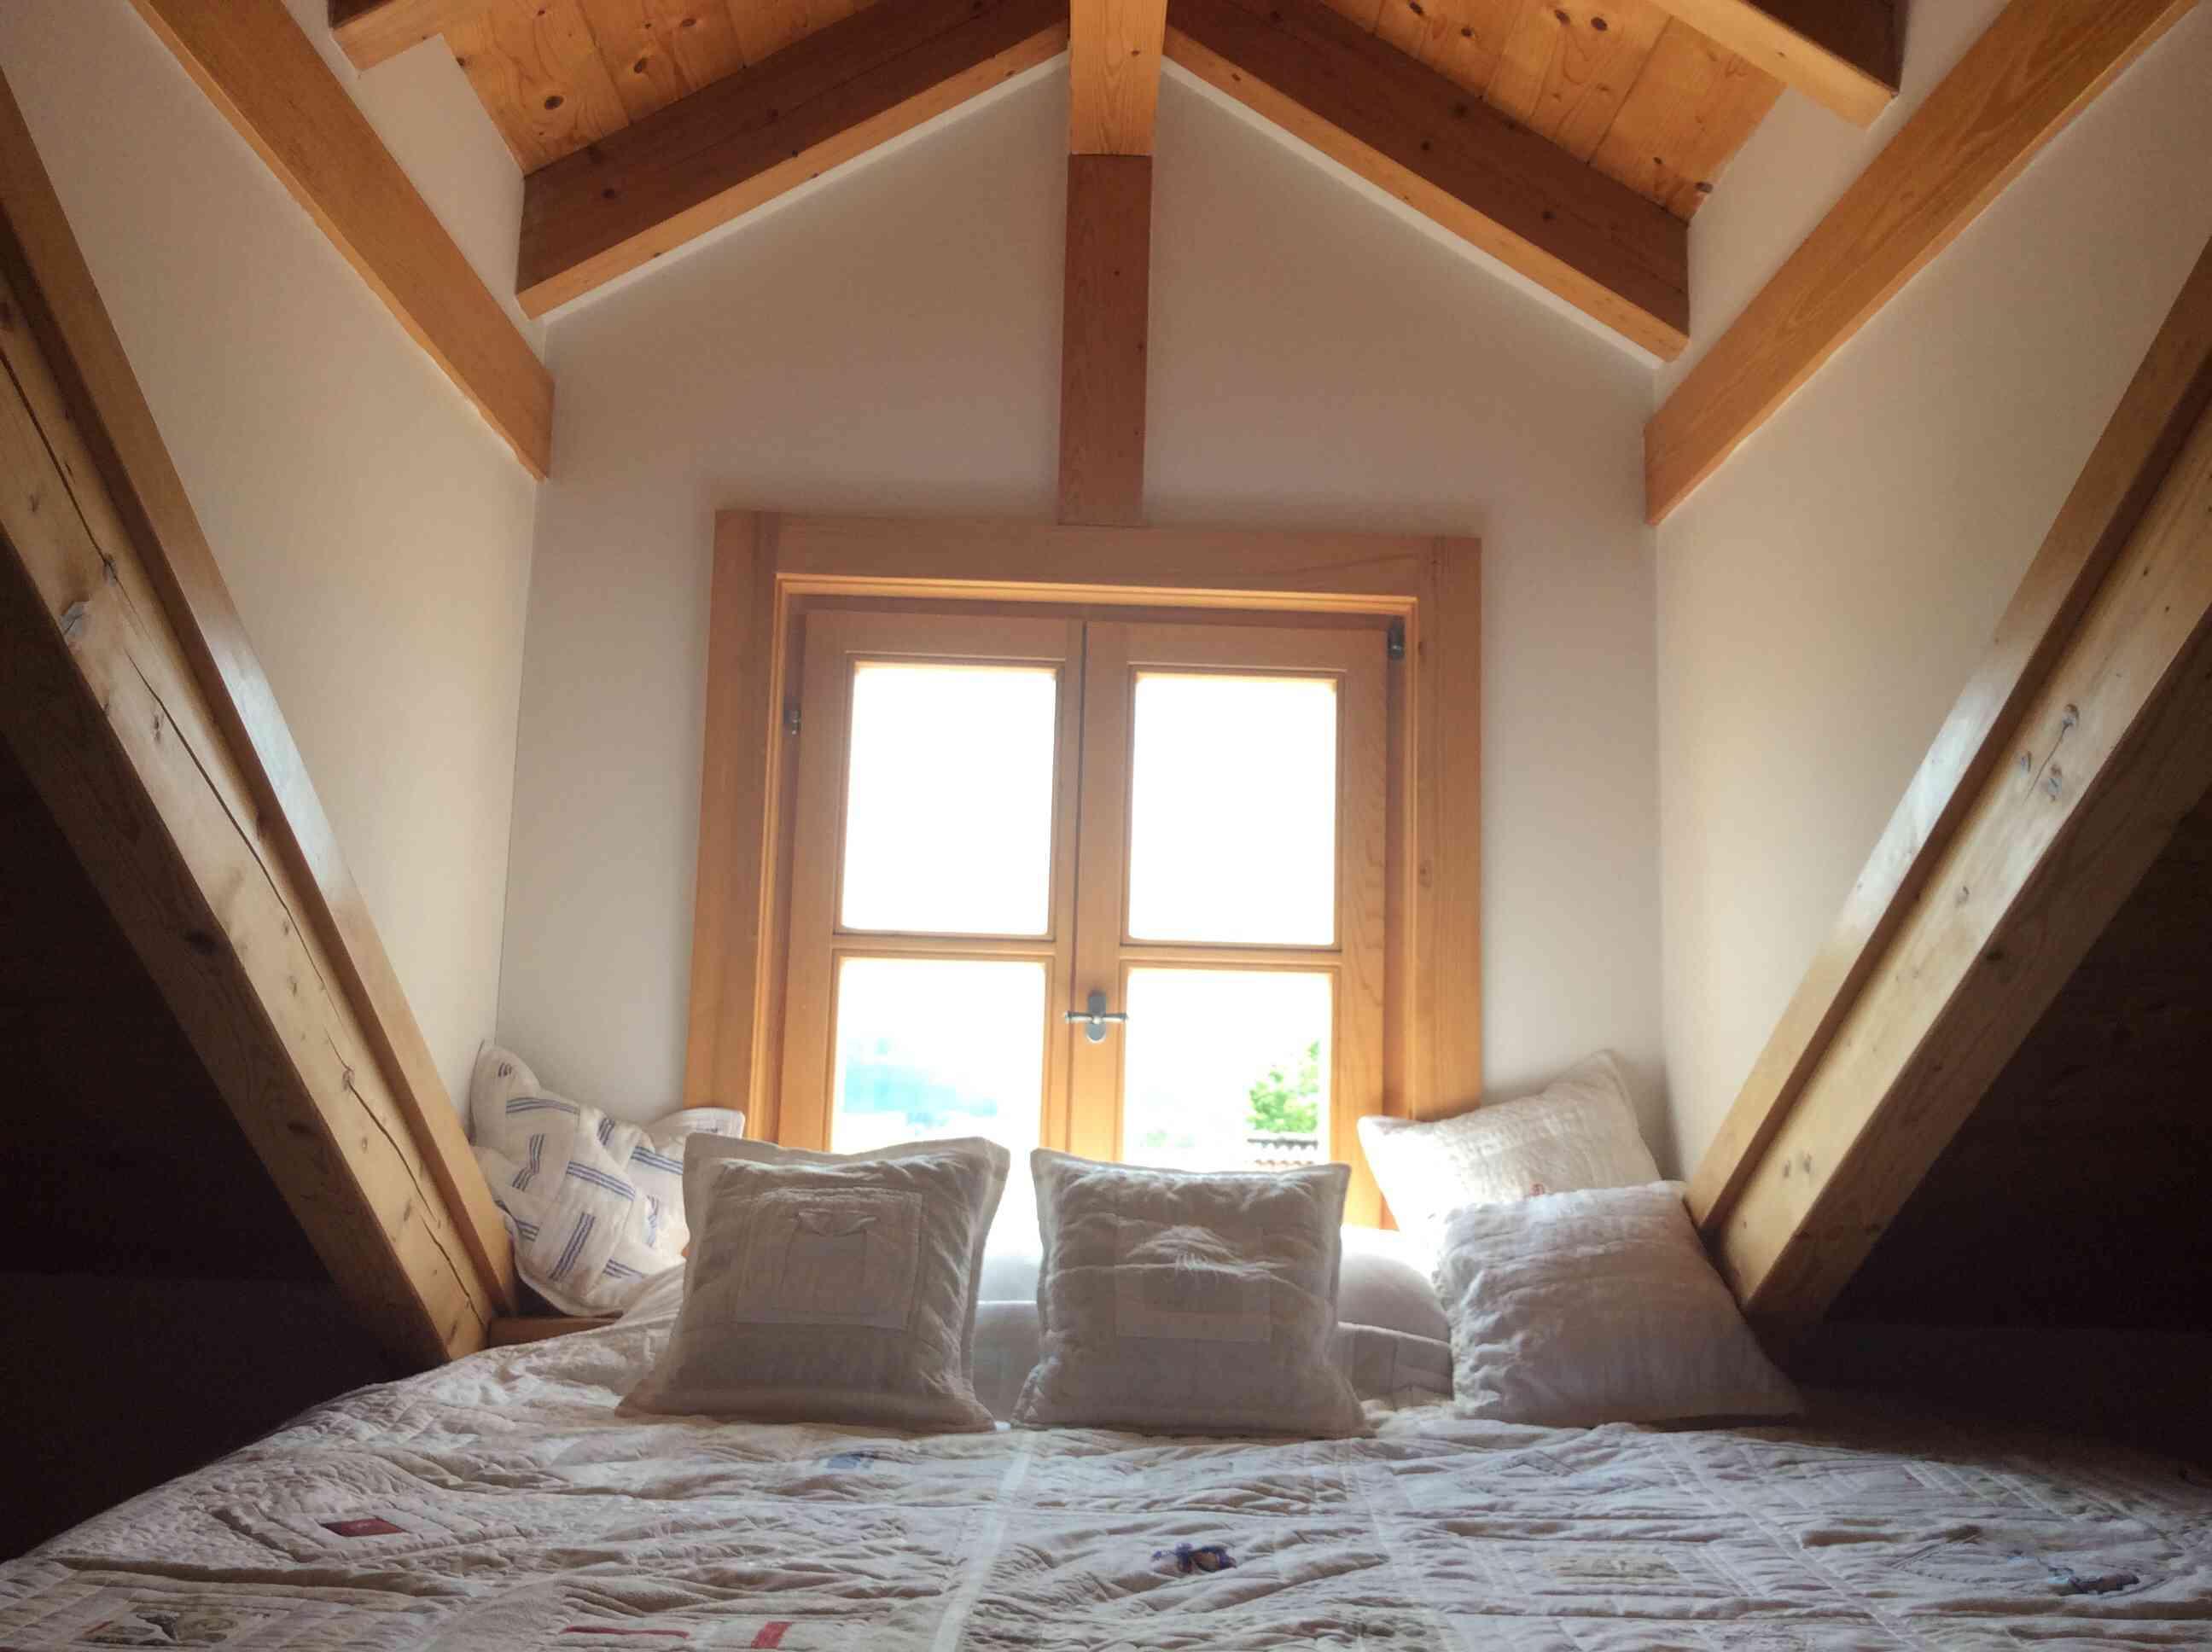 Attic bedroom window